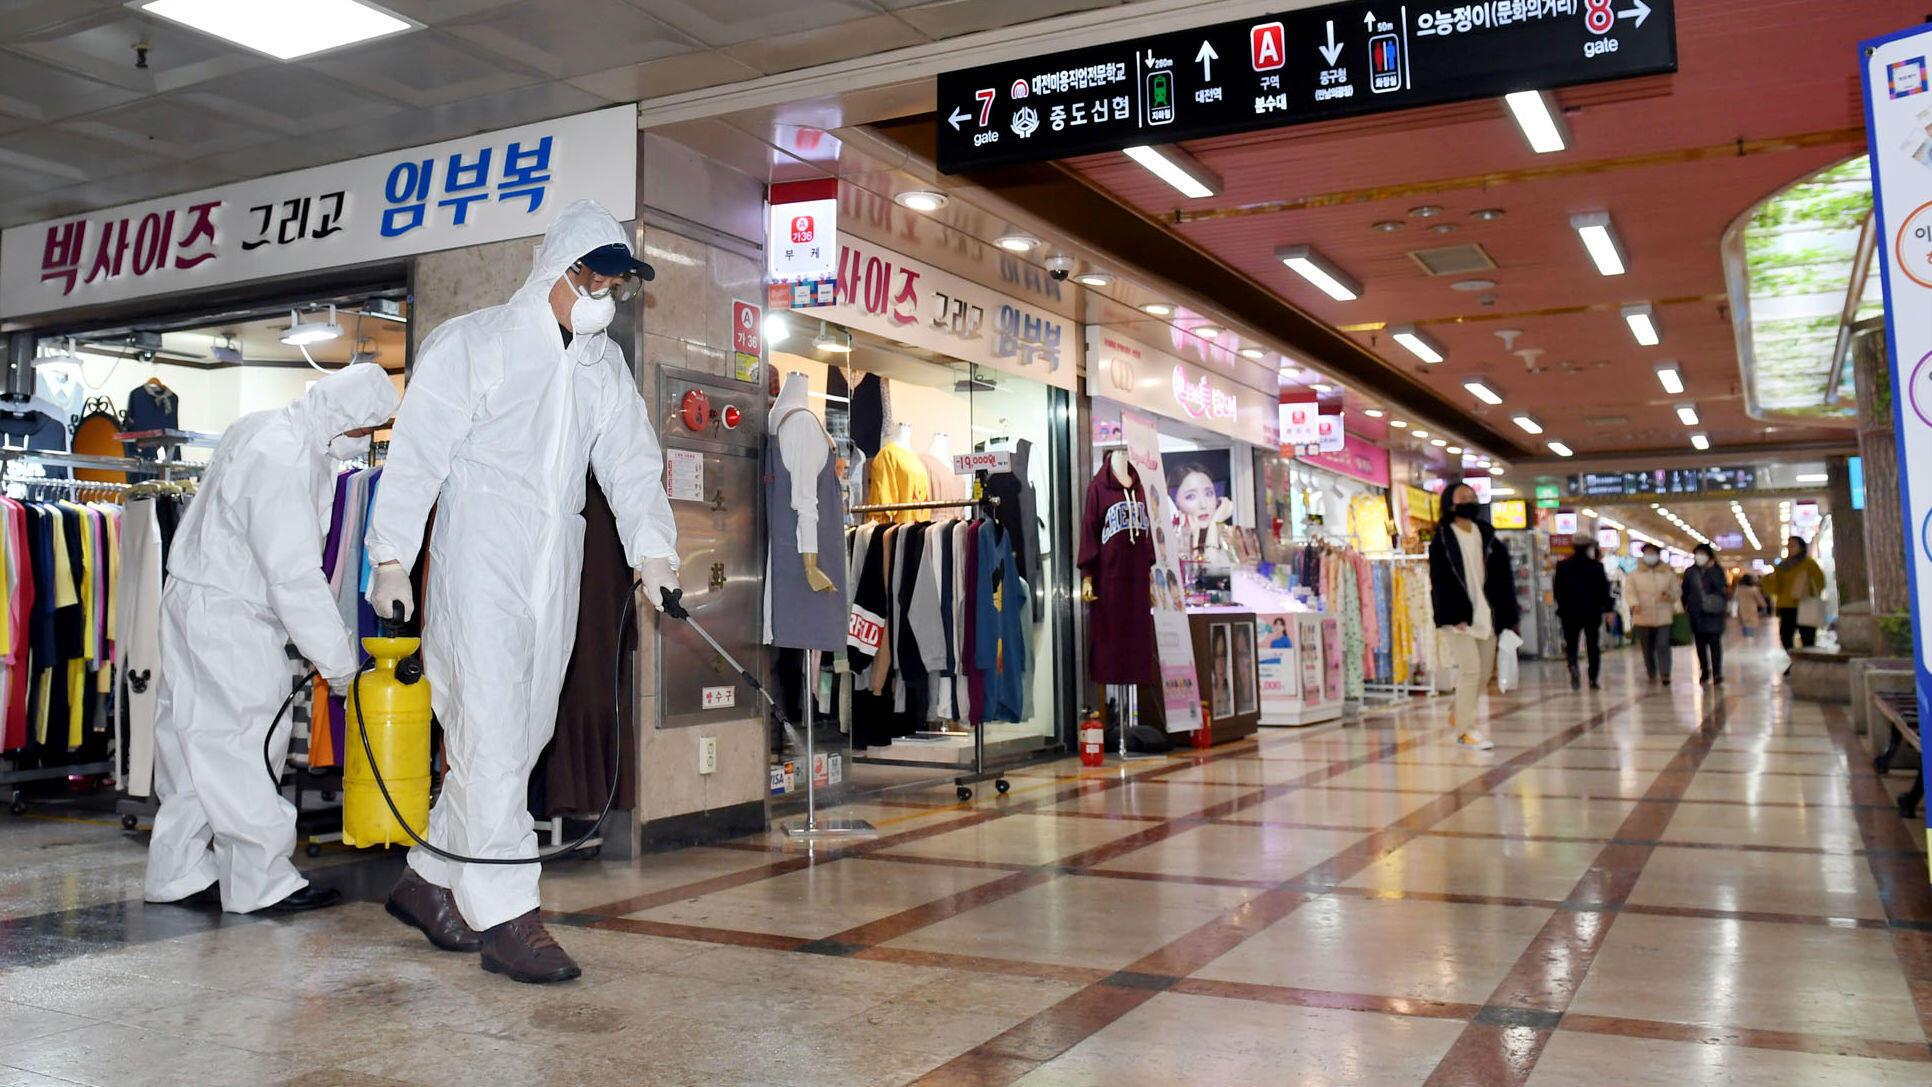 Unos empleados desinfectan el suelo de un centro comercial en Daejeon, Corea del Sur. 22 de febrero de 2020.